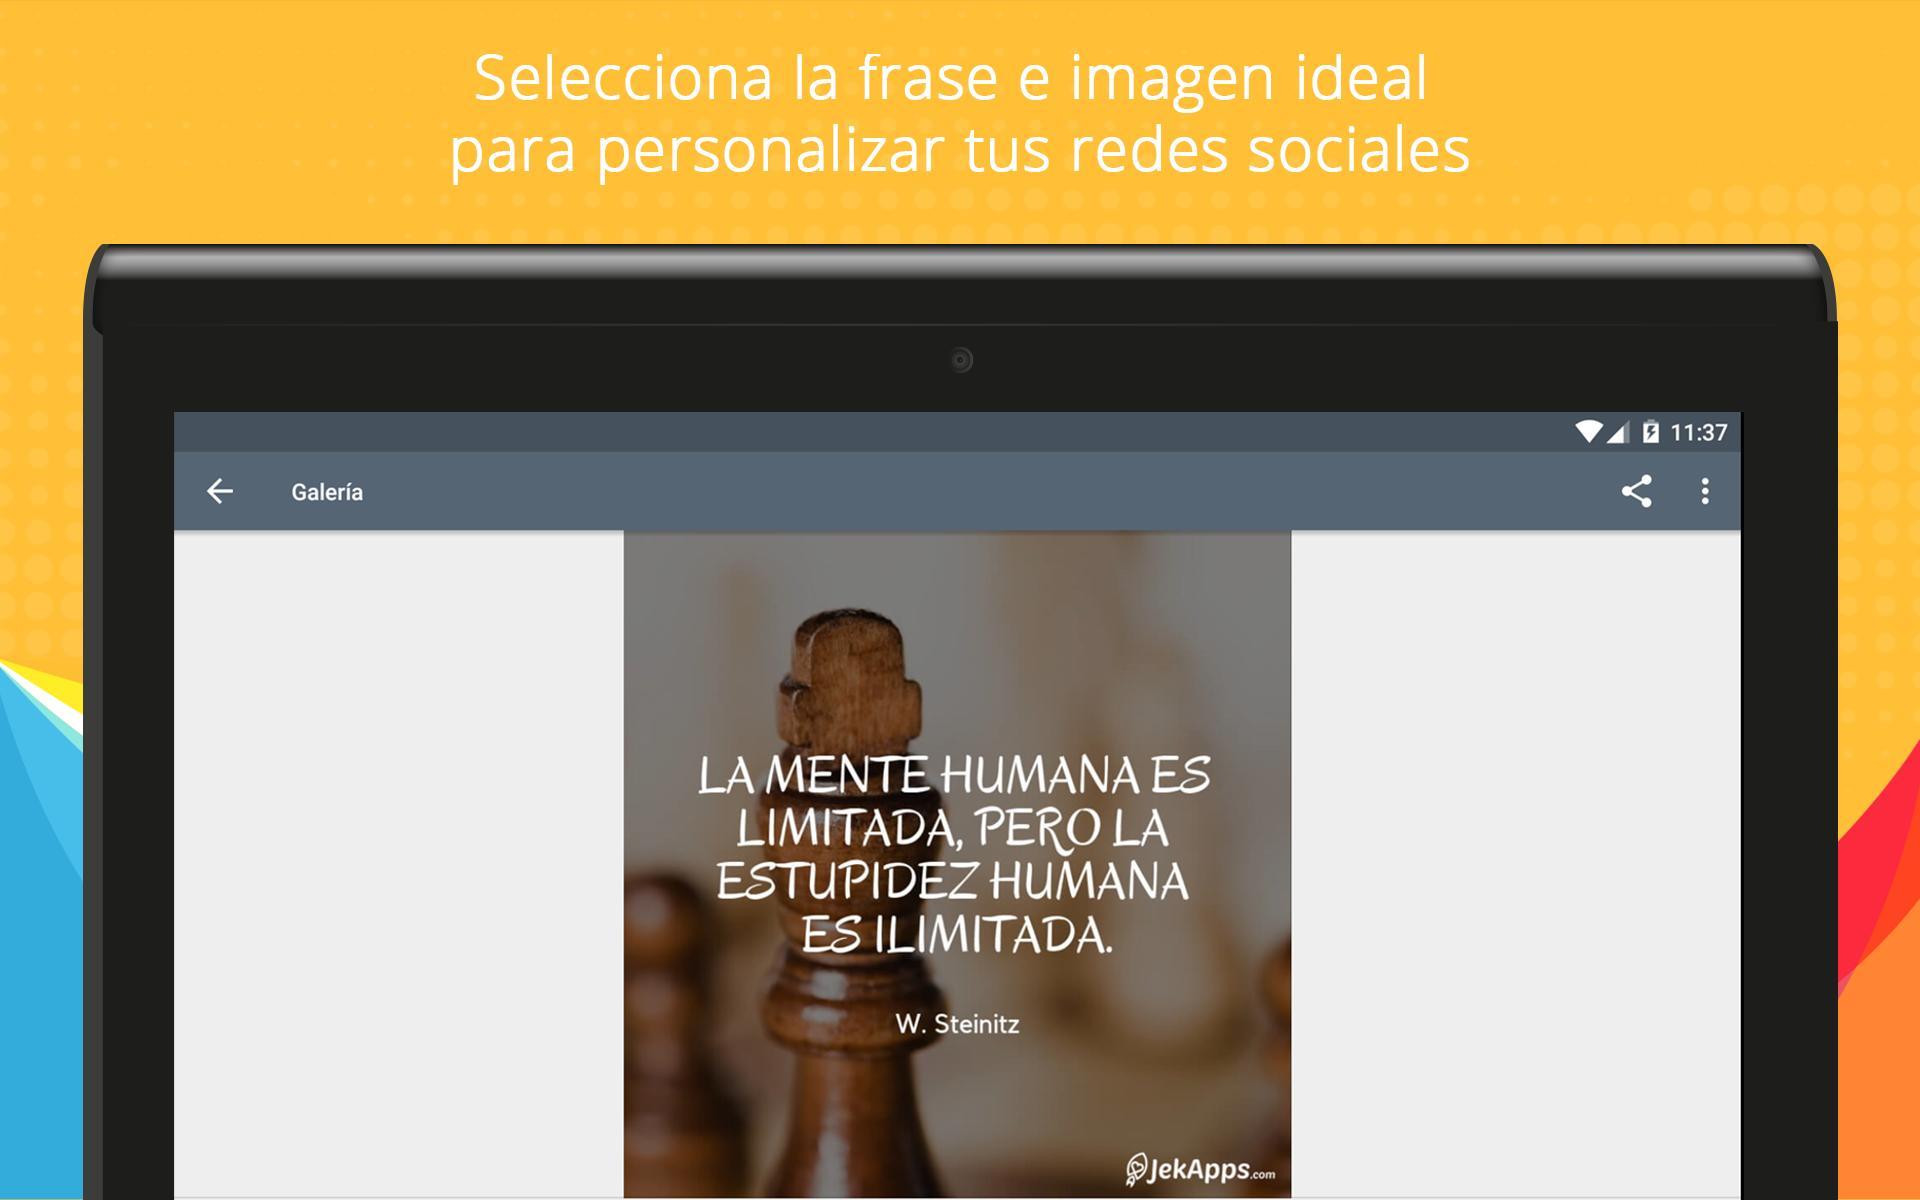 Frases Celebres De Ajedrez For Android Apk Download